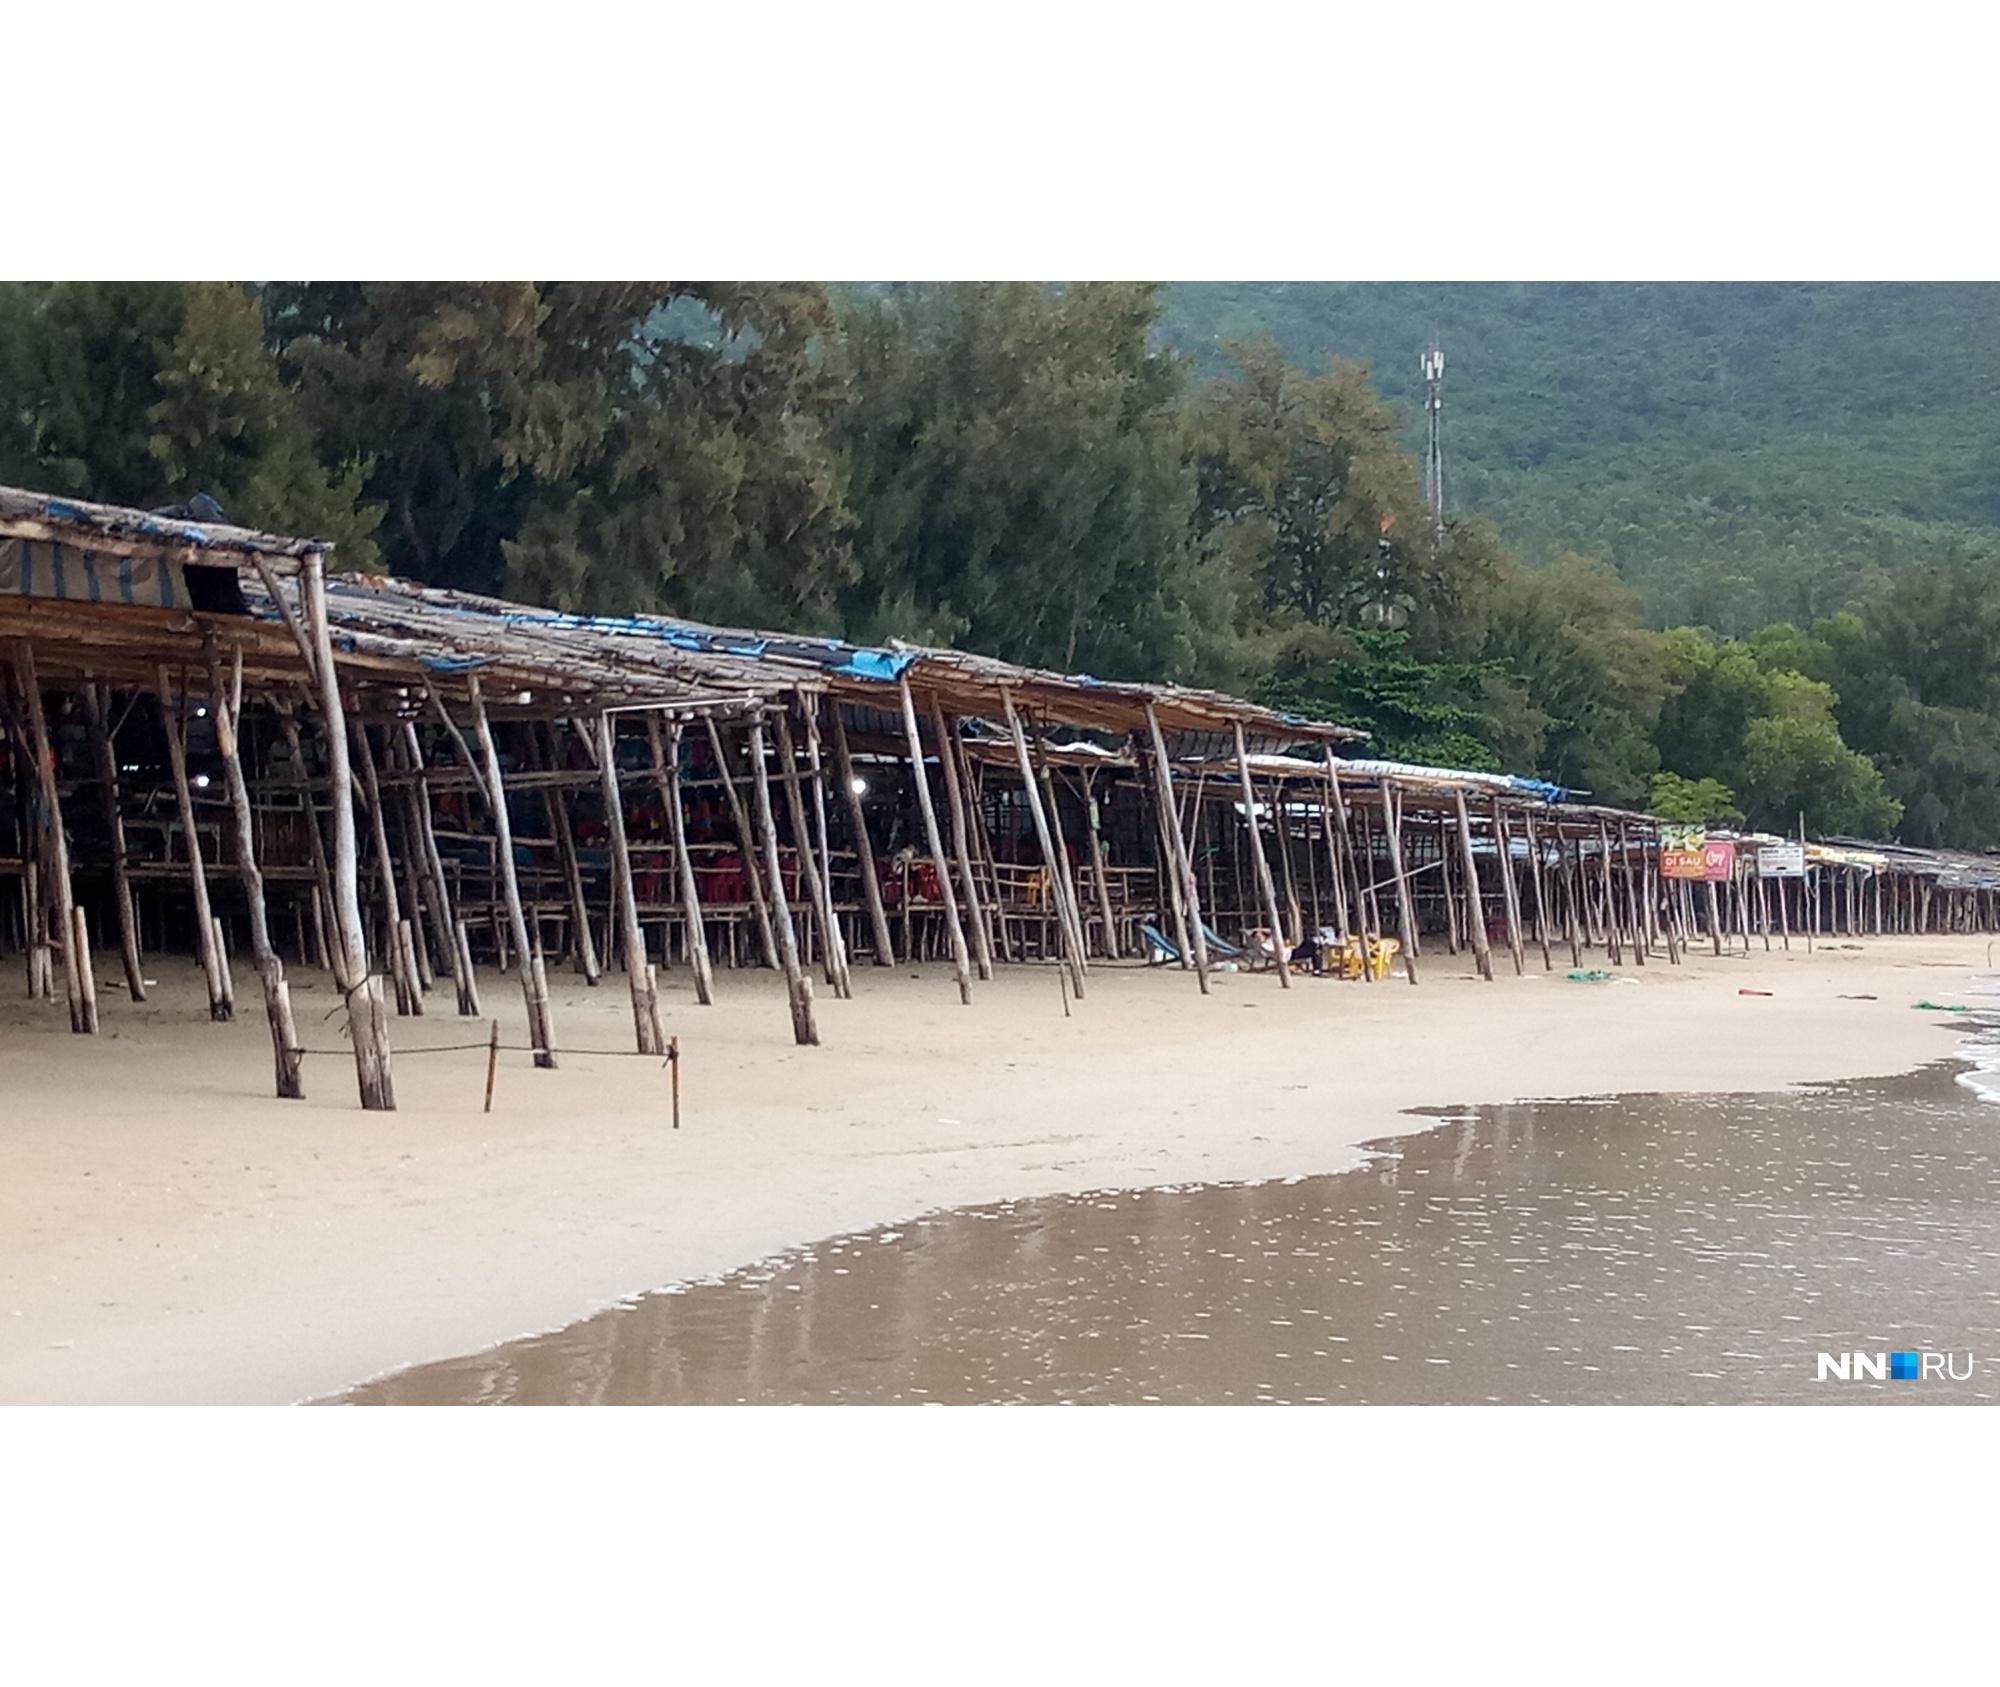 Торговые ряды на пляже для местных<br>